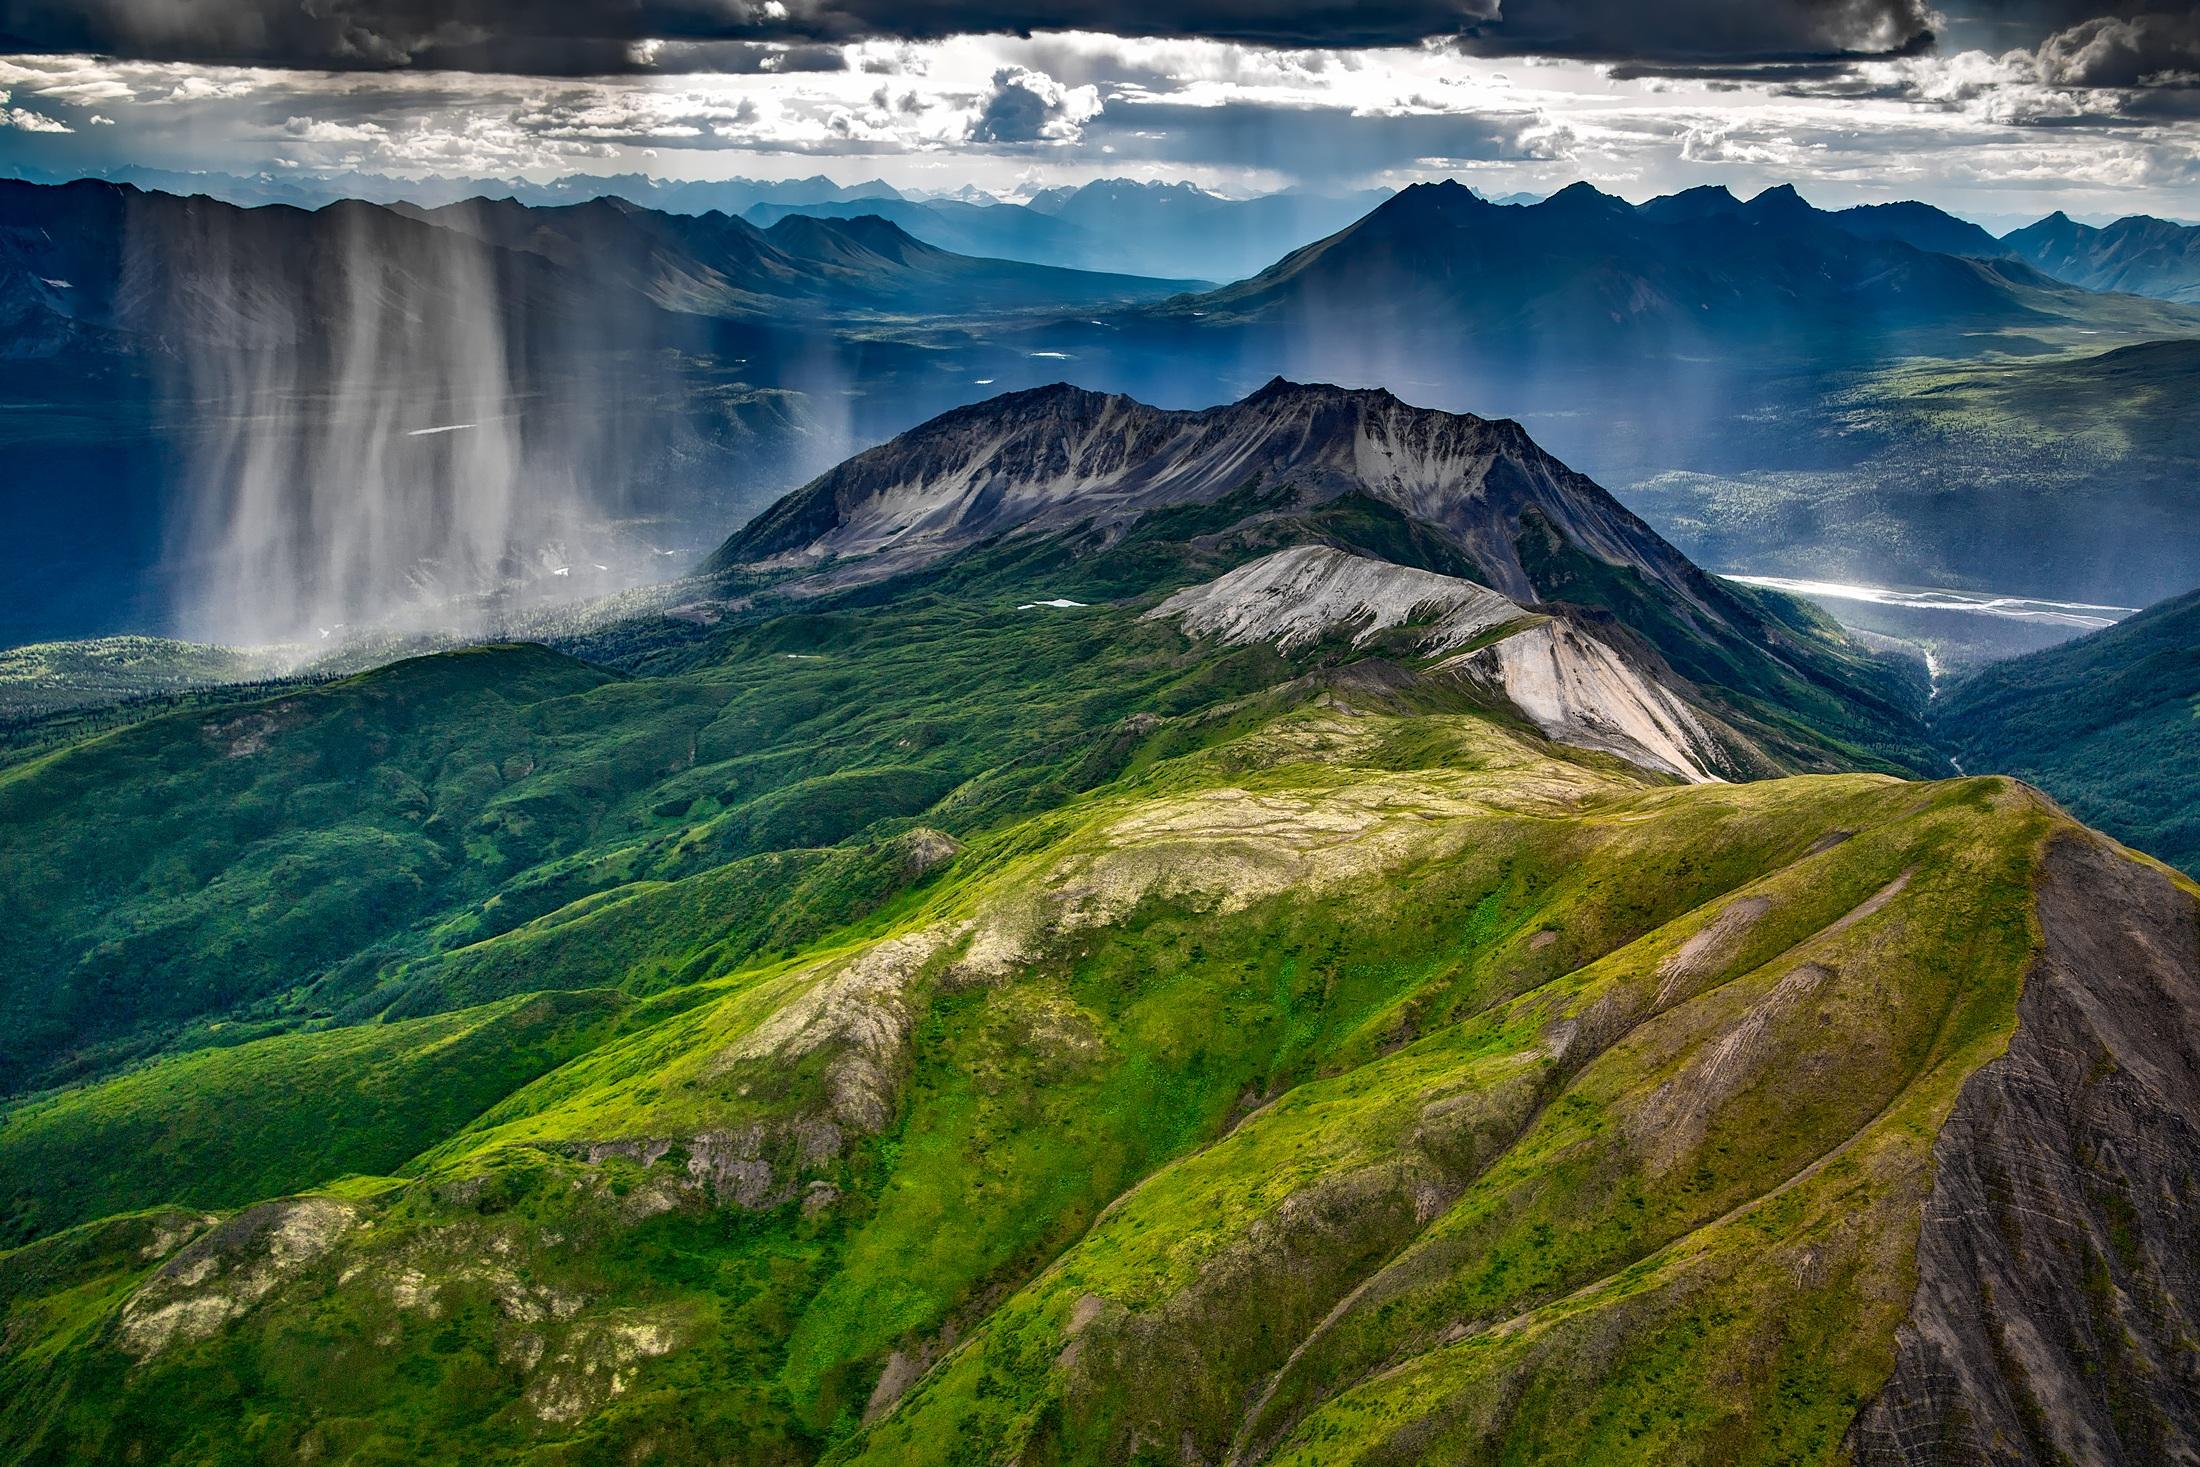 Wrangell Mountain in Light Rain